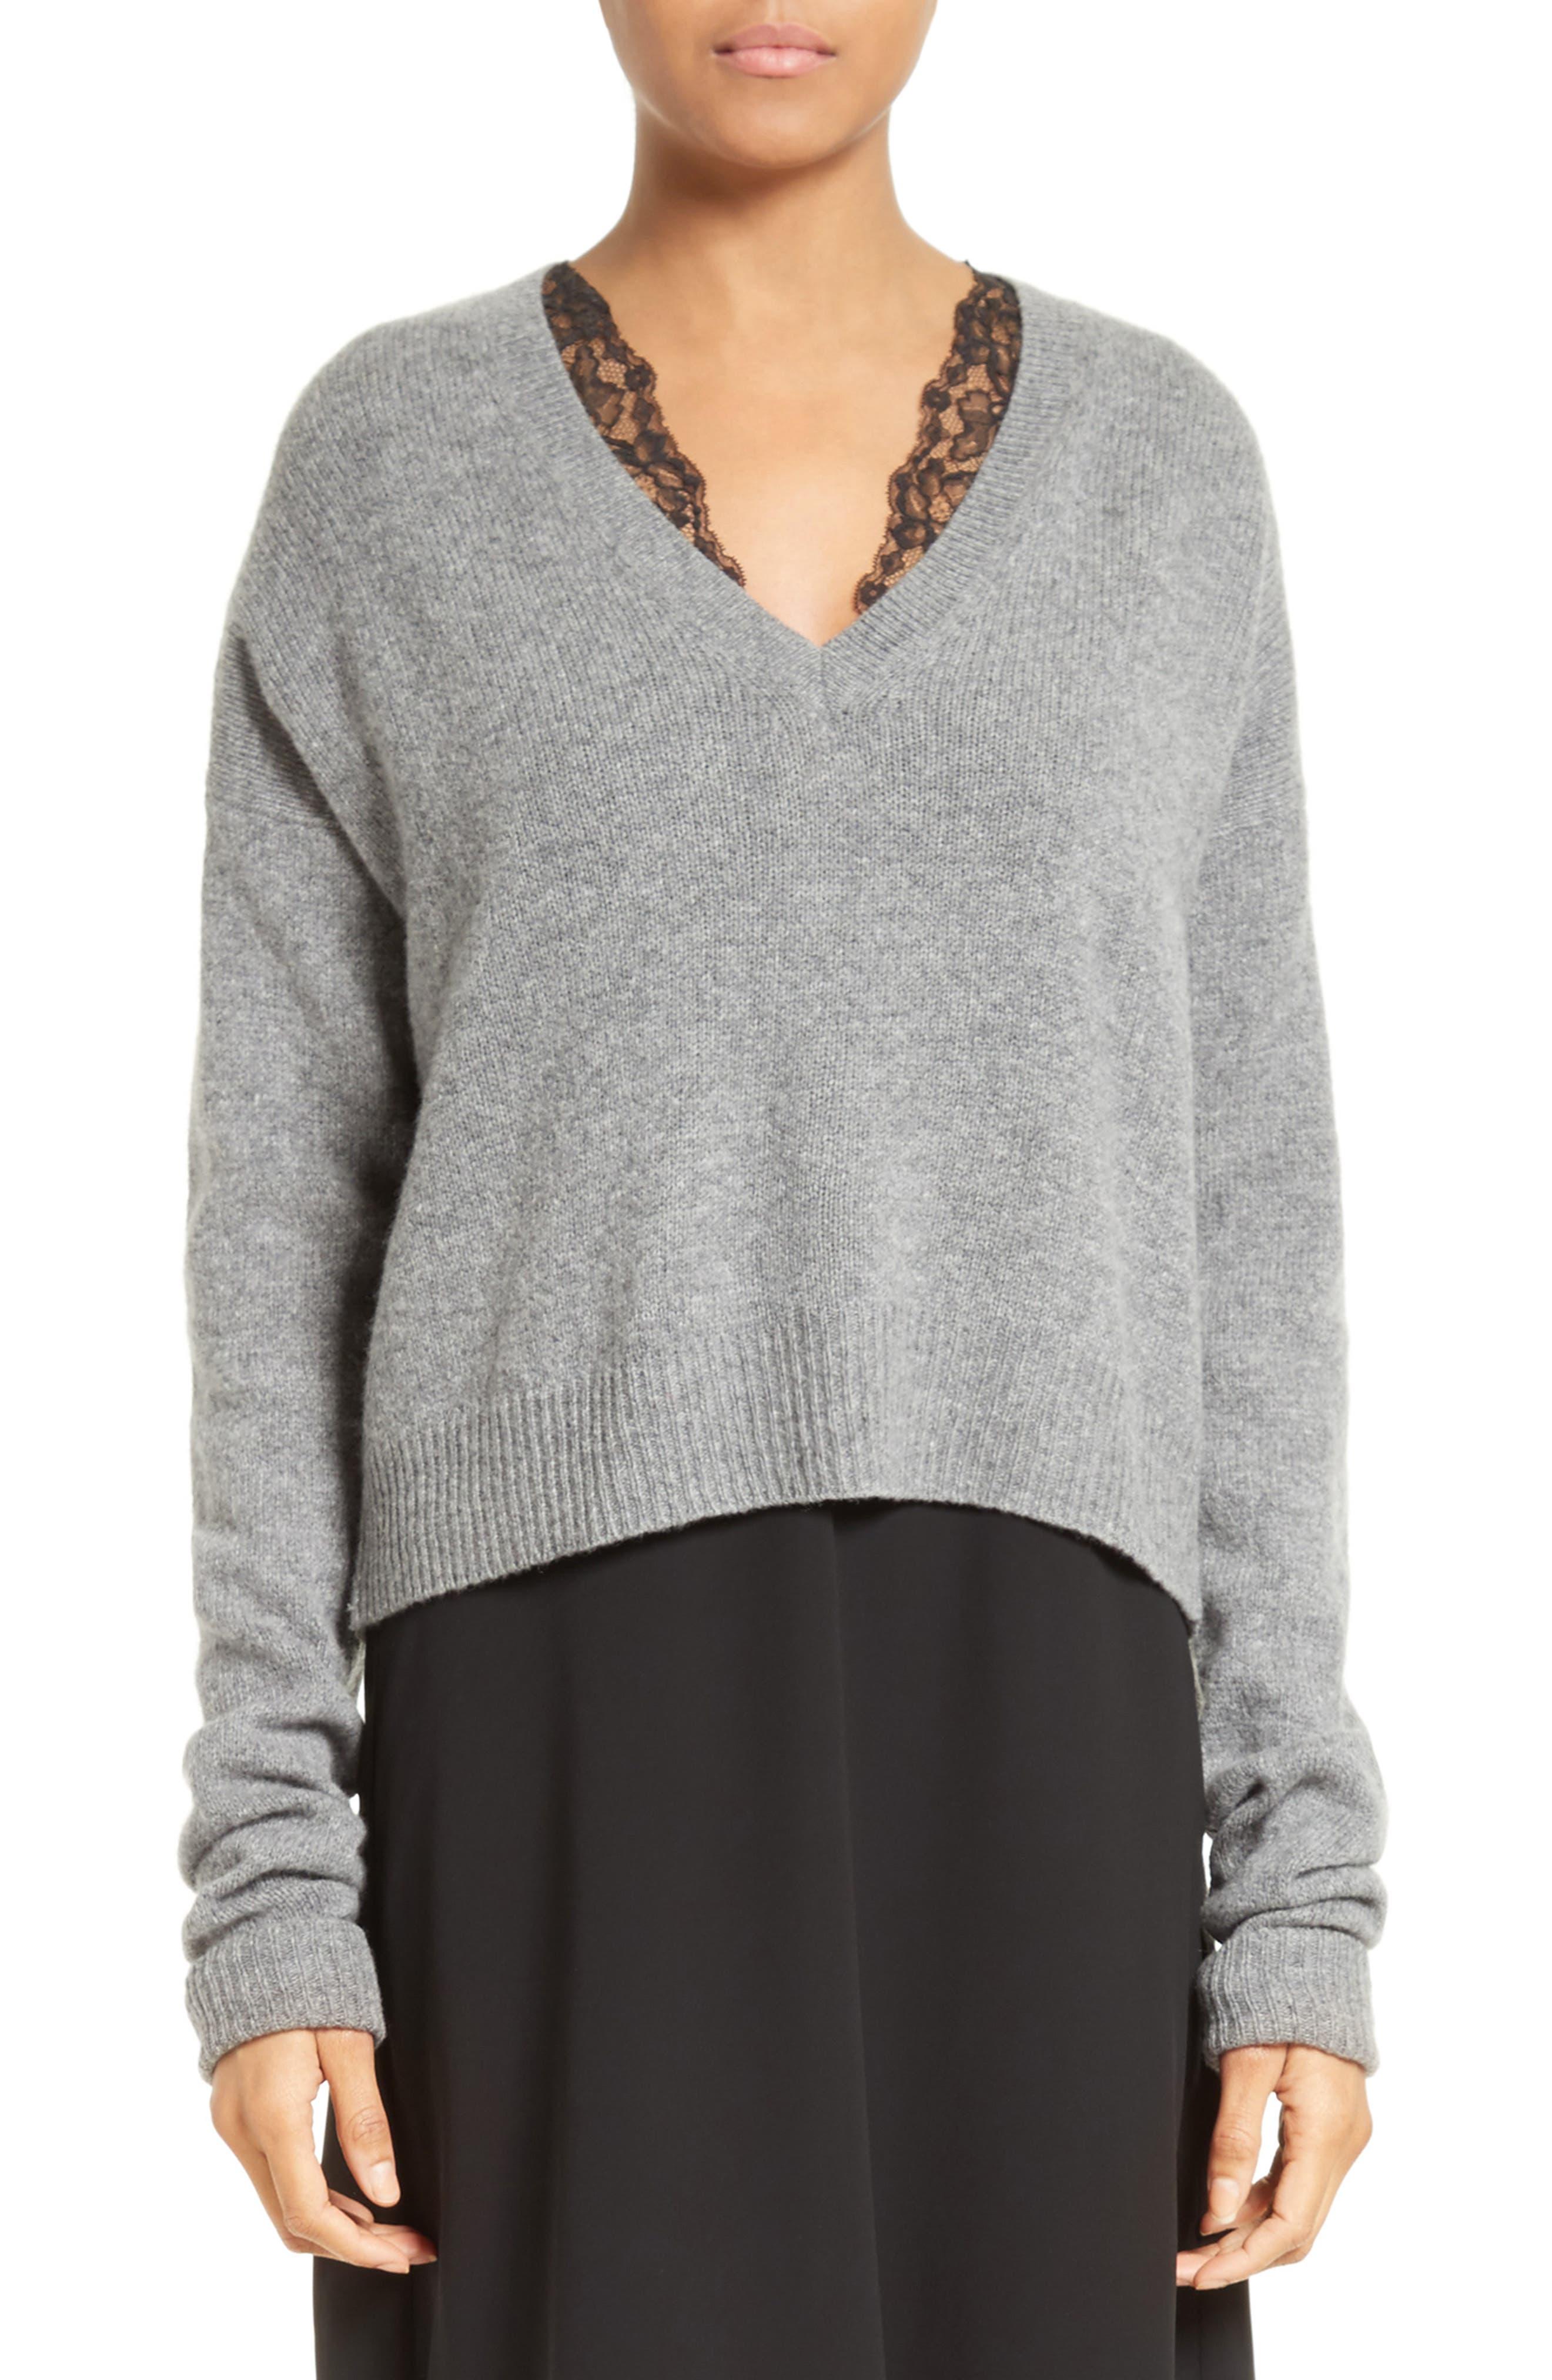 McQ Alexander McQueen Wool & Cashmere Cutout Sweater